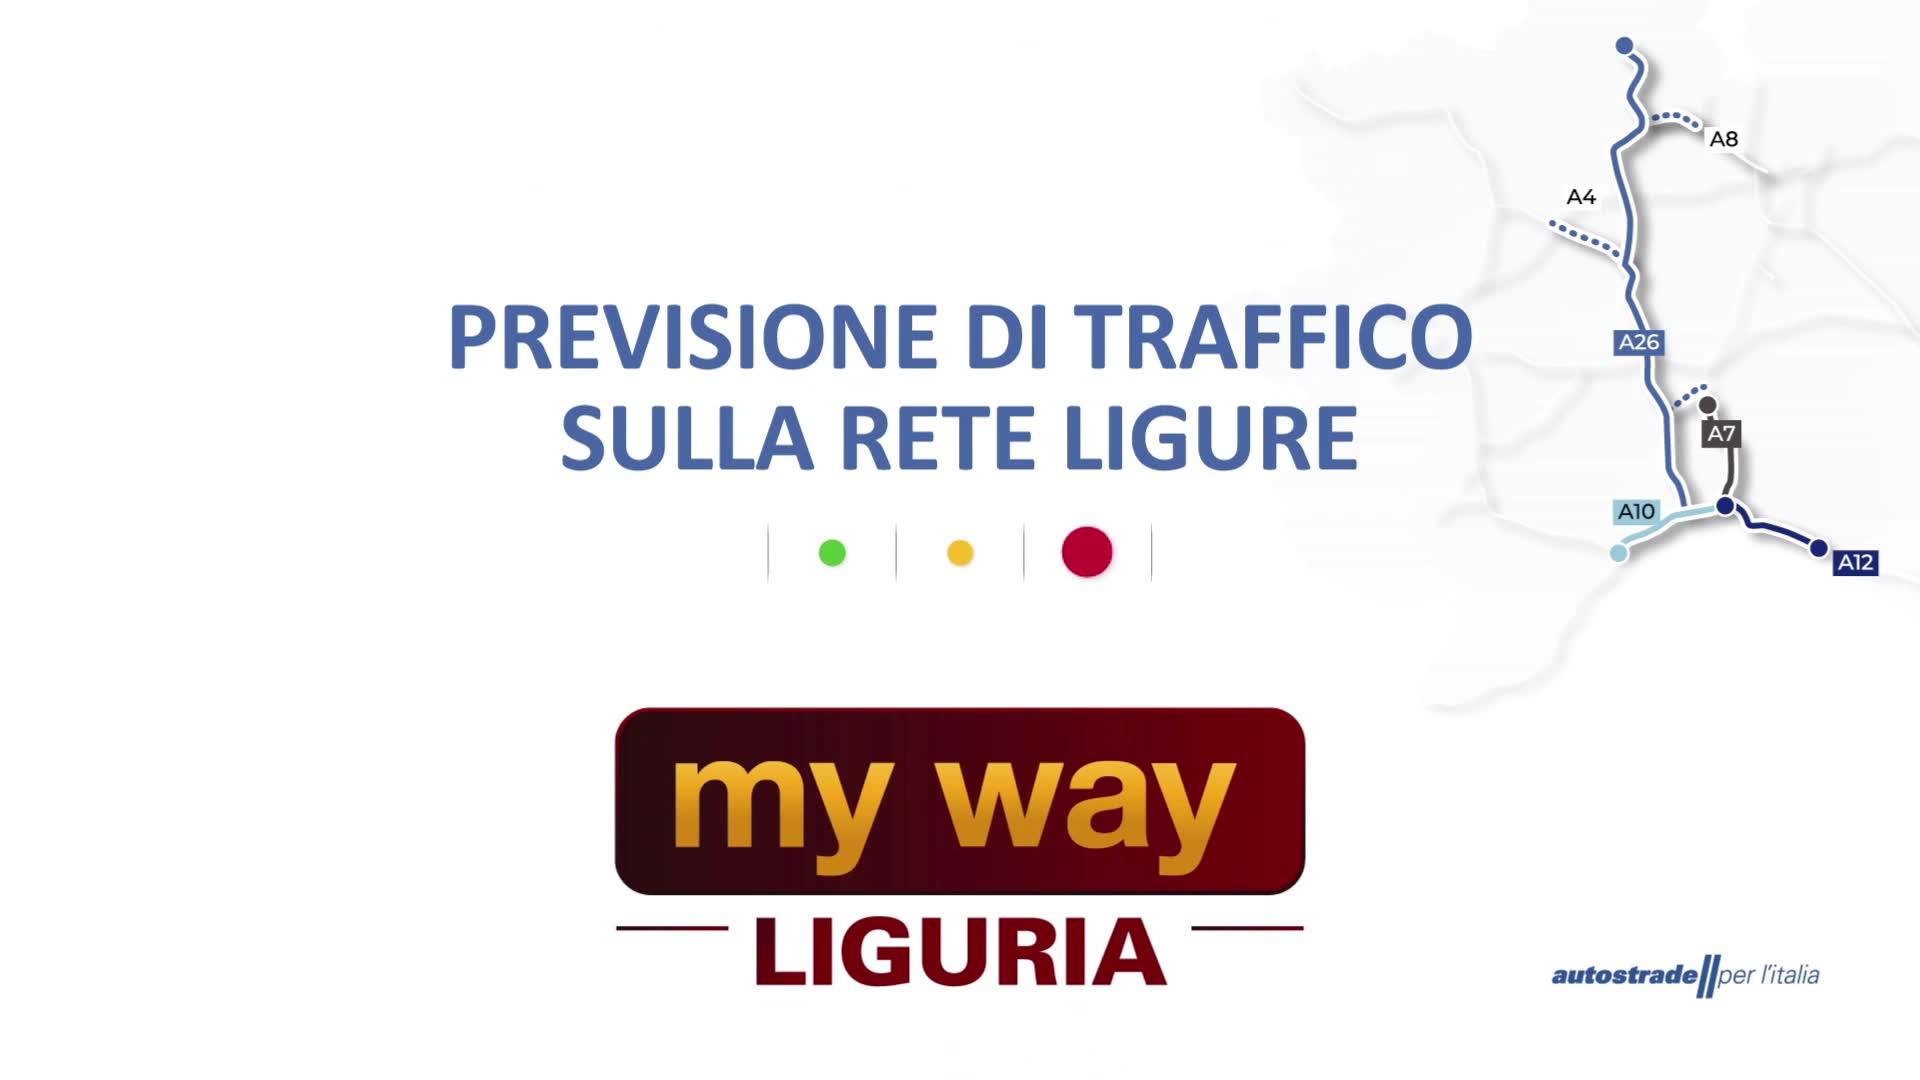 Le previsioni del traffico sulle autostrade della Liguria per la martedì 28 settembre